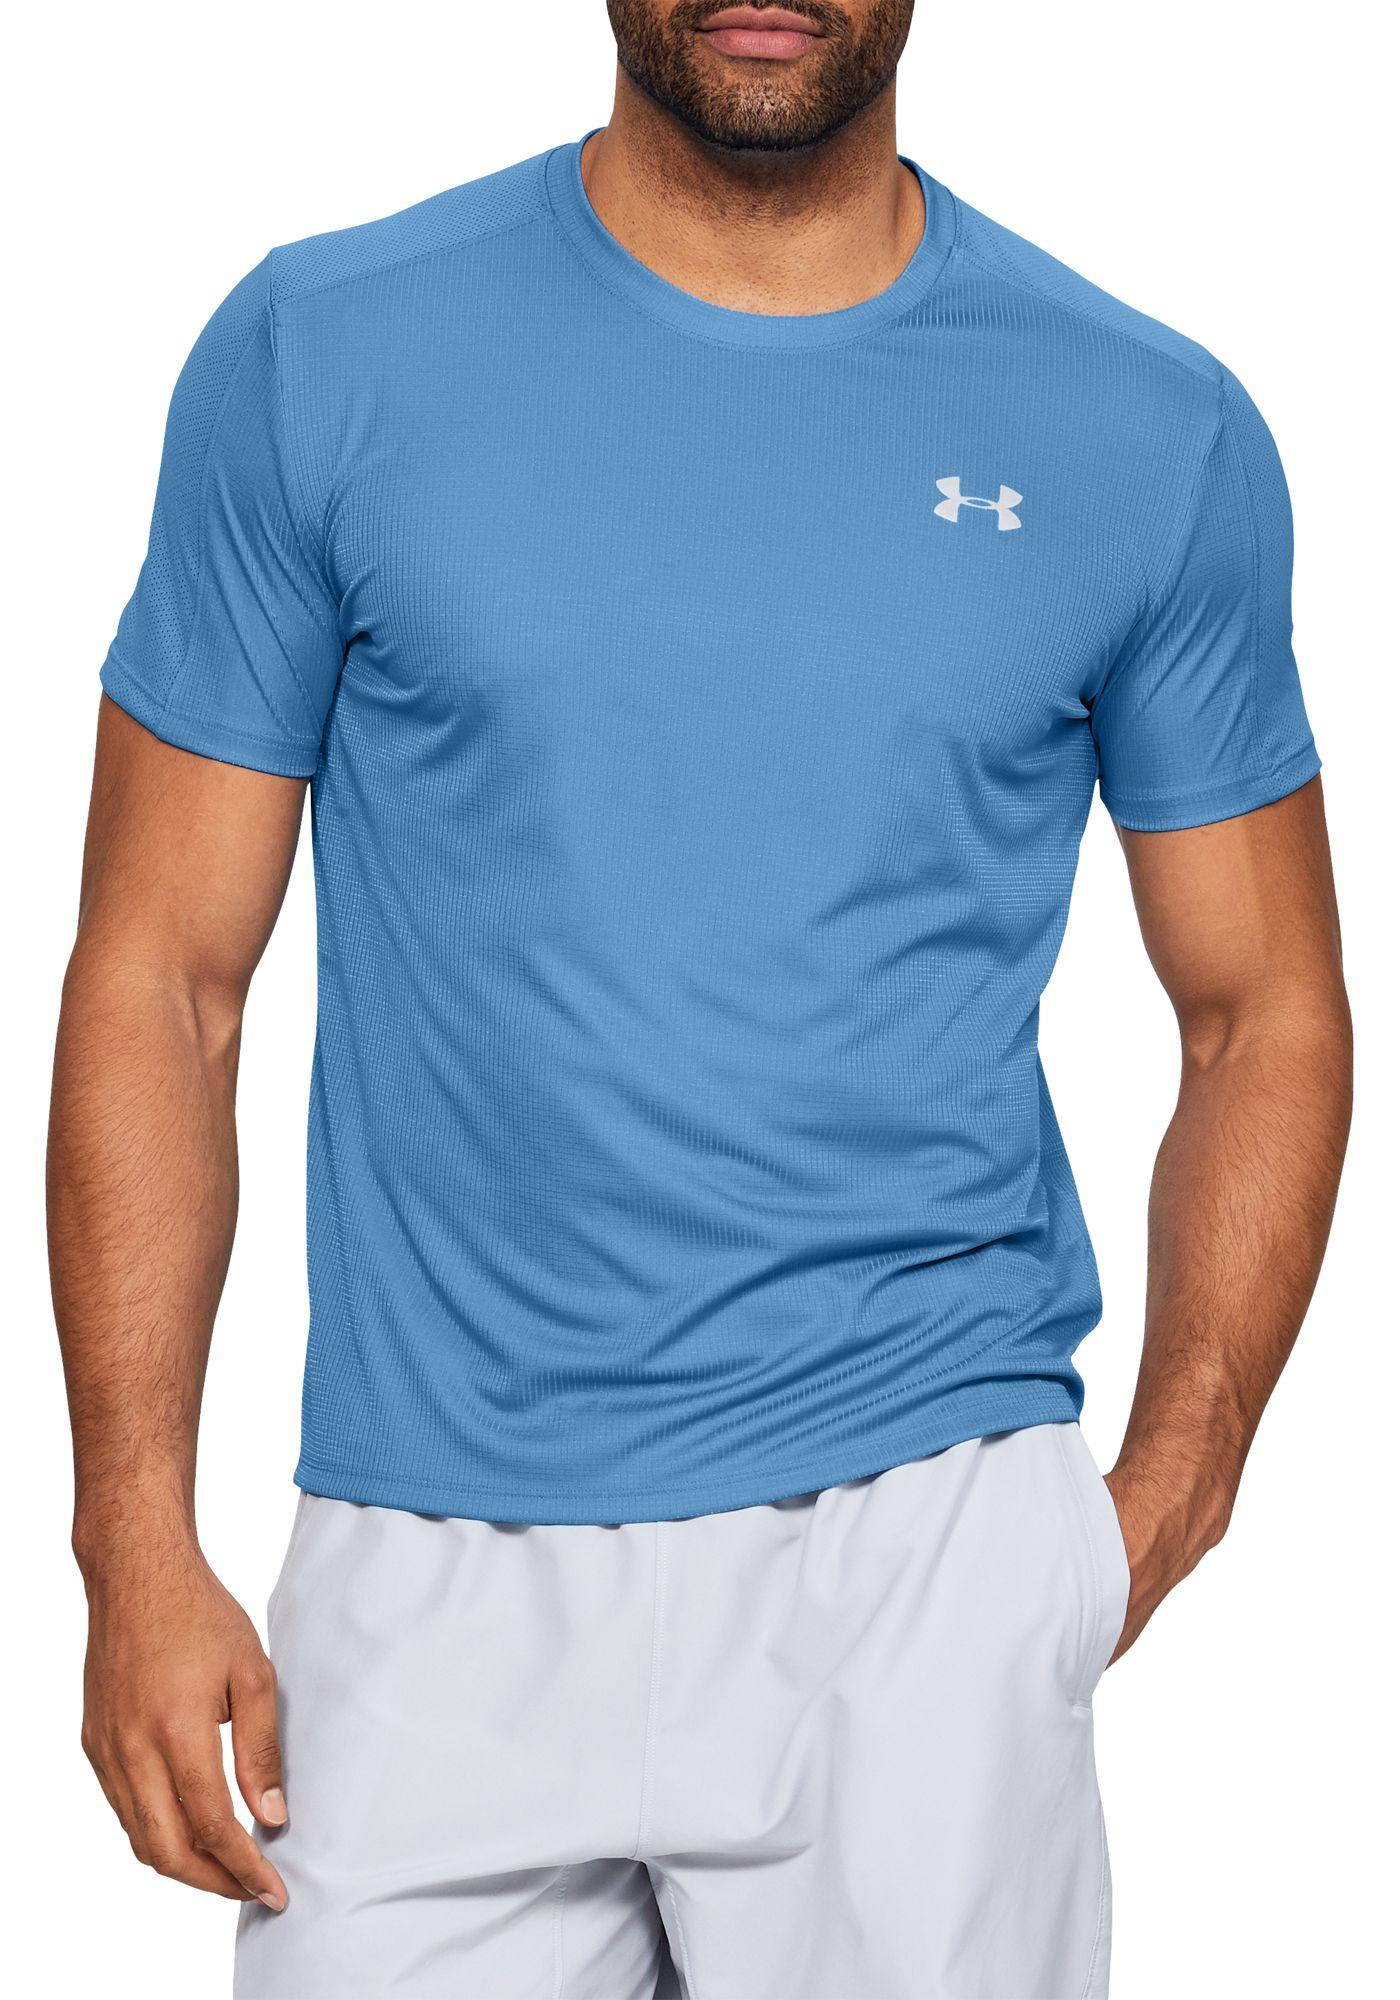 Under Armour Men's Speed Stride Running T-Shirt